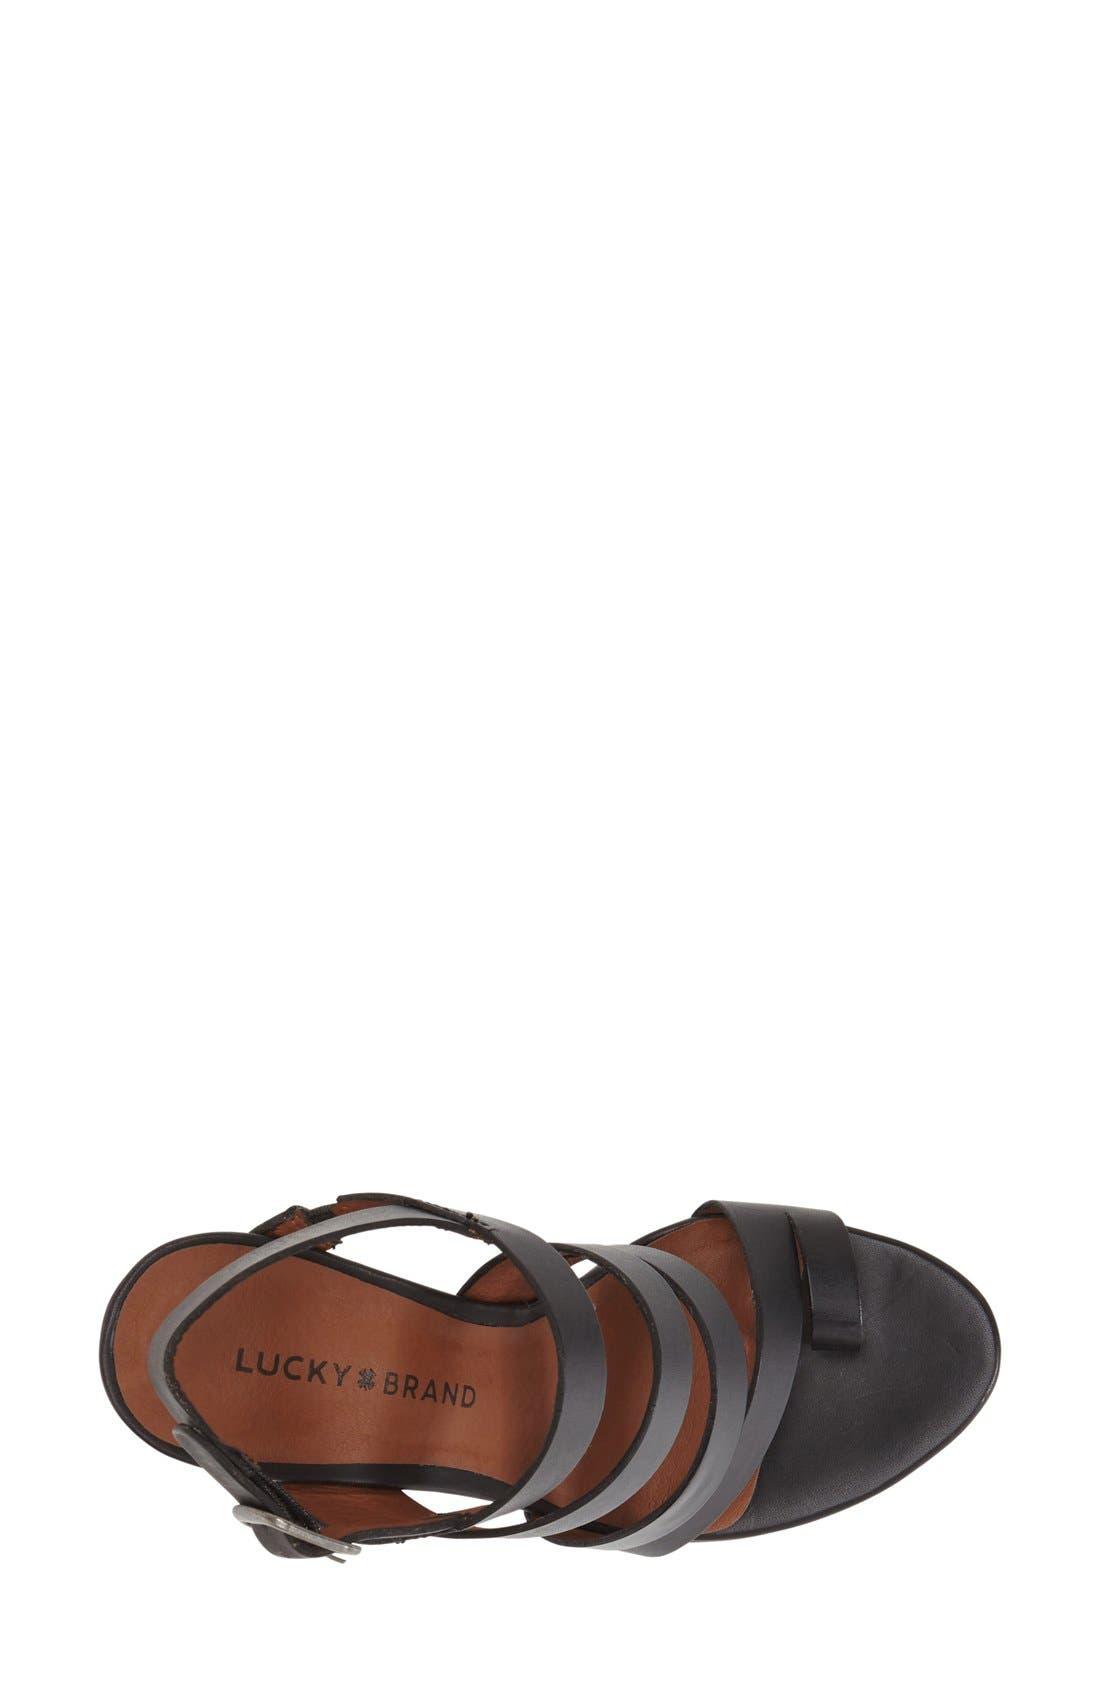 Alternate Image 3  - Lucky Brand 'Fairfina' Wedge Sandal (Women)